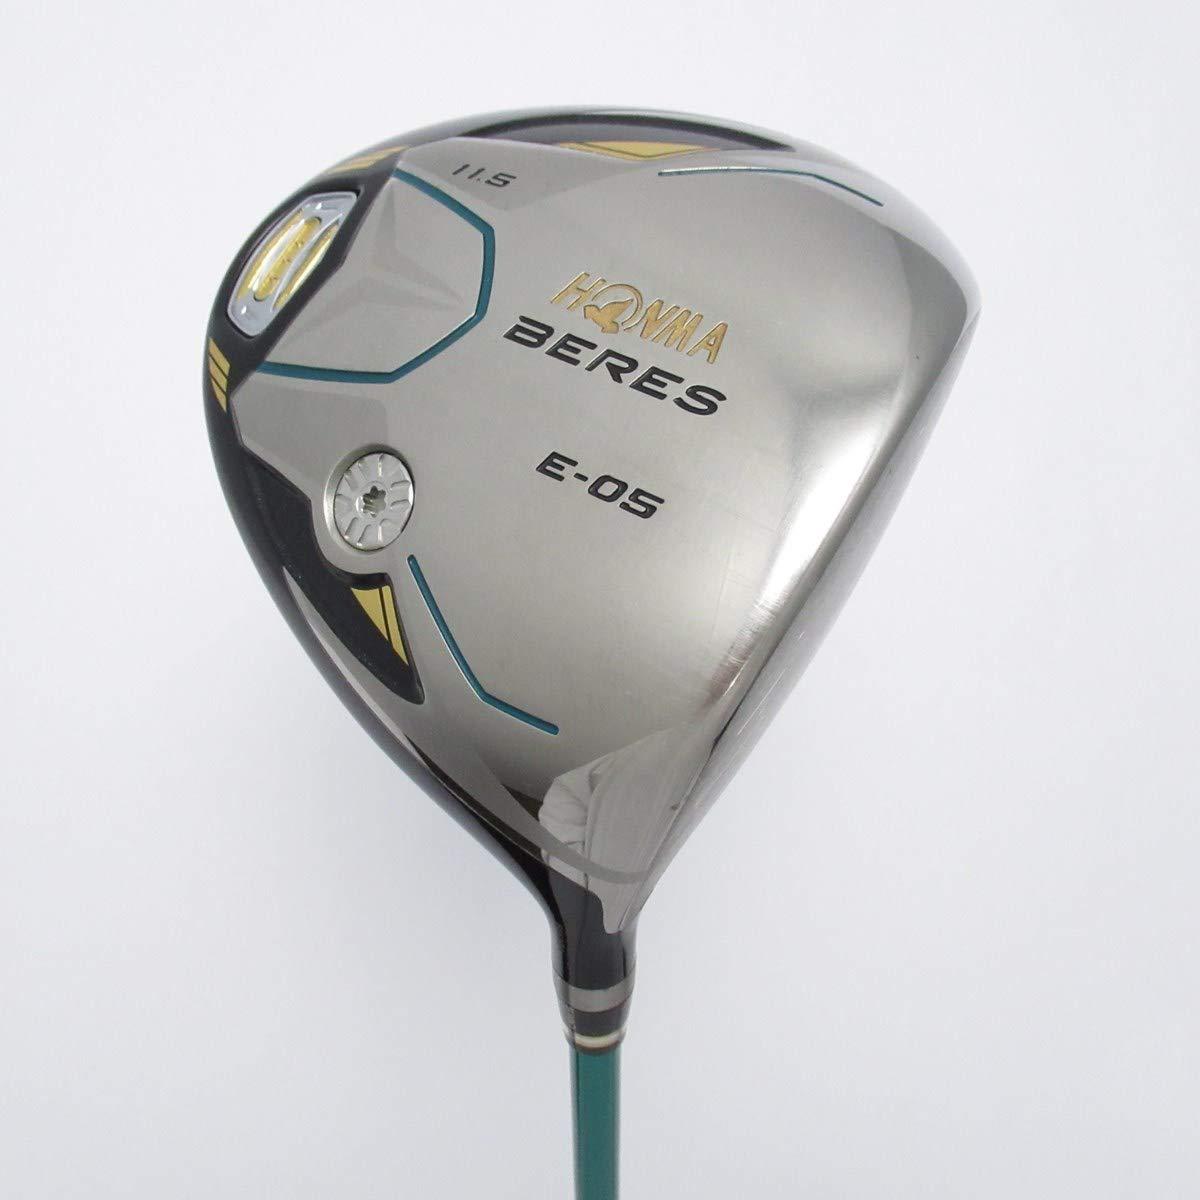 【中古】本間ゴルフ BERES BERES E-05 ドライバー ARMRQ ∞ 44 R  B07PDPZL2G